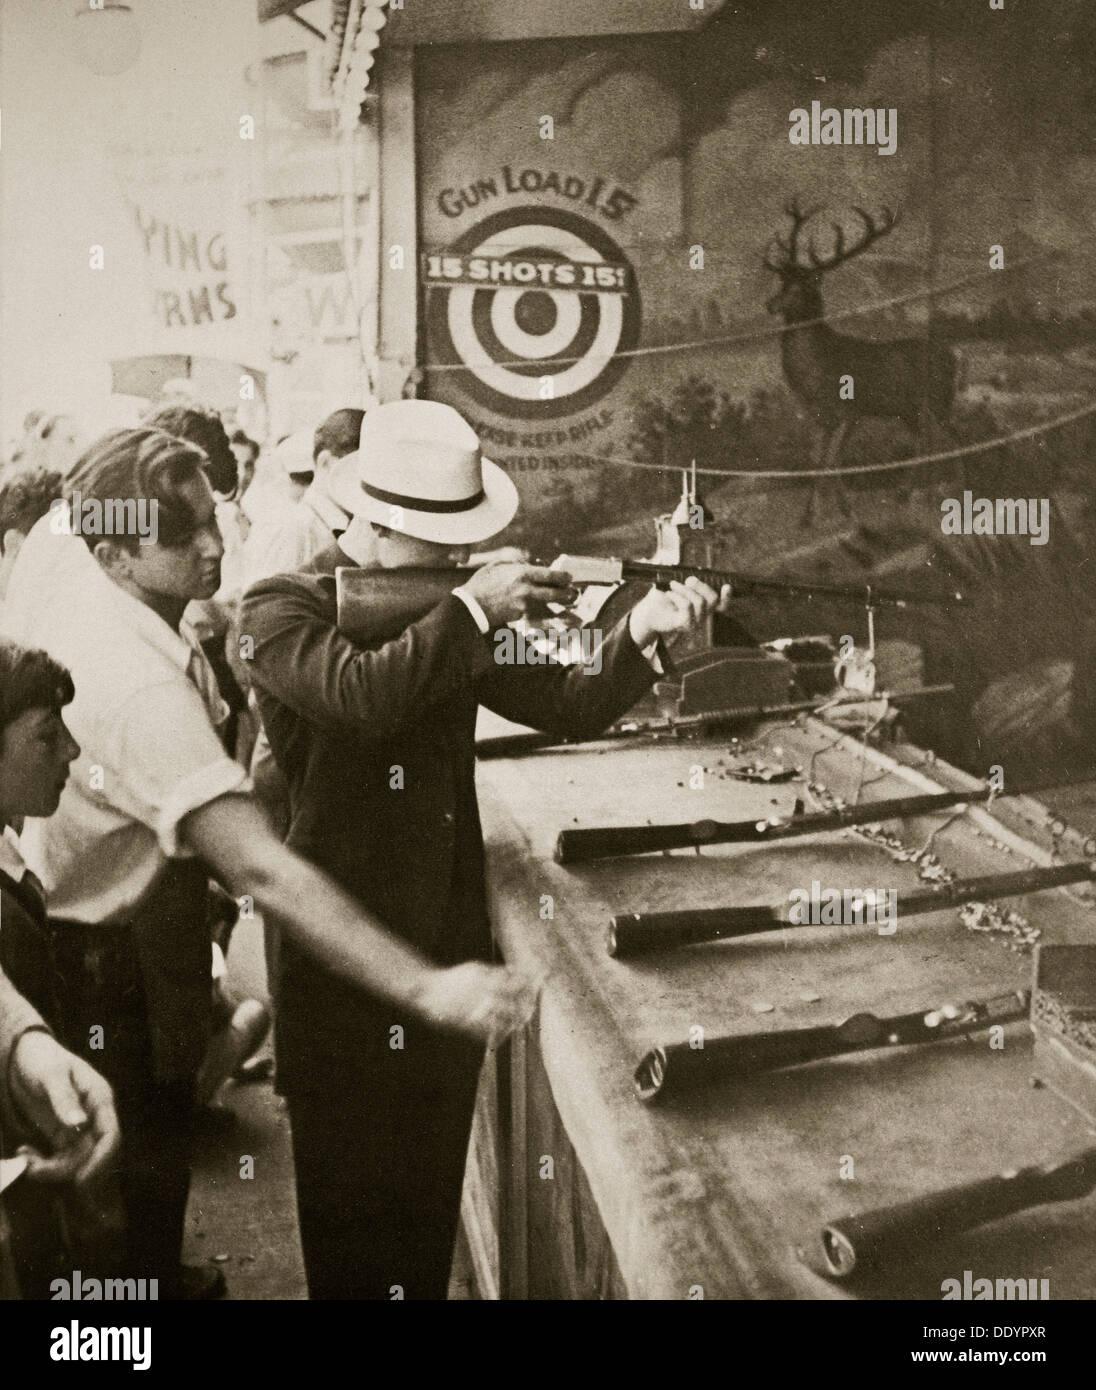 Galería de tiro en el parque de diversiones de Coney Island, Nueva York, Estados Unidos, 1930. Artista: Desconocido Imagen De Stock